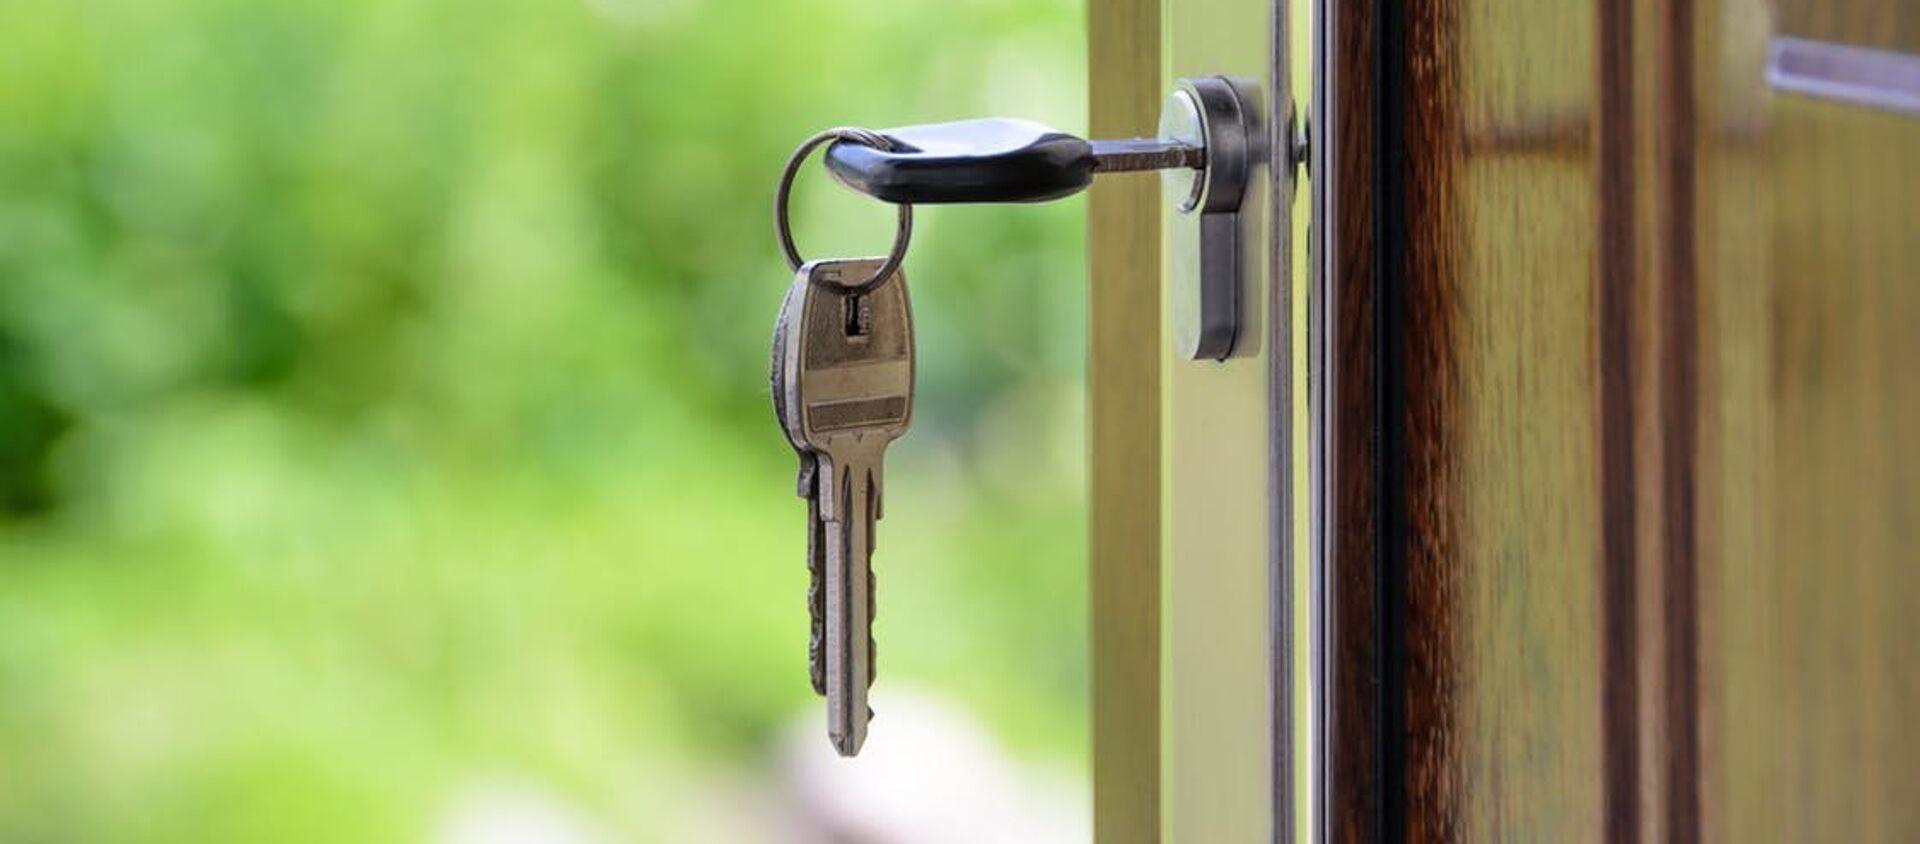 Ключи в дверном замке - Sputnik Абхазия, 1920, 29.09.2021